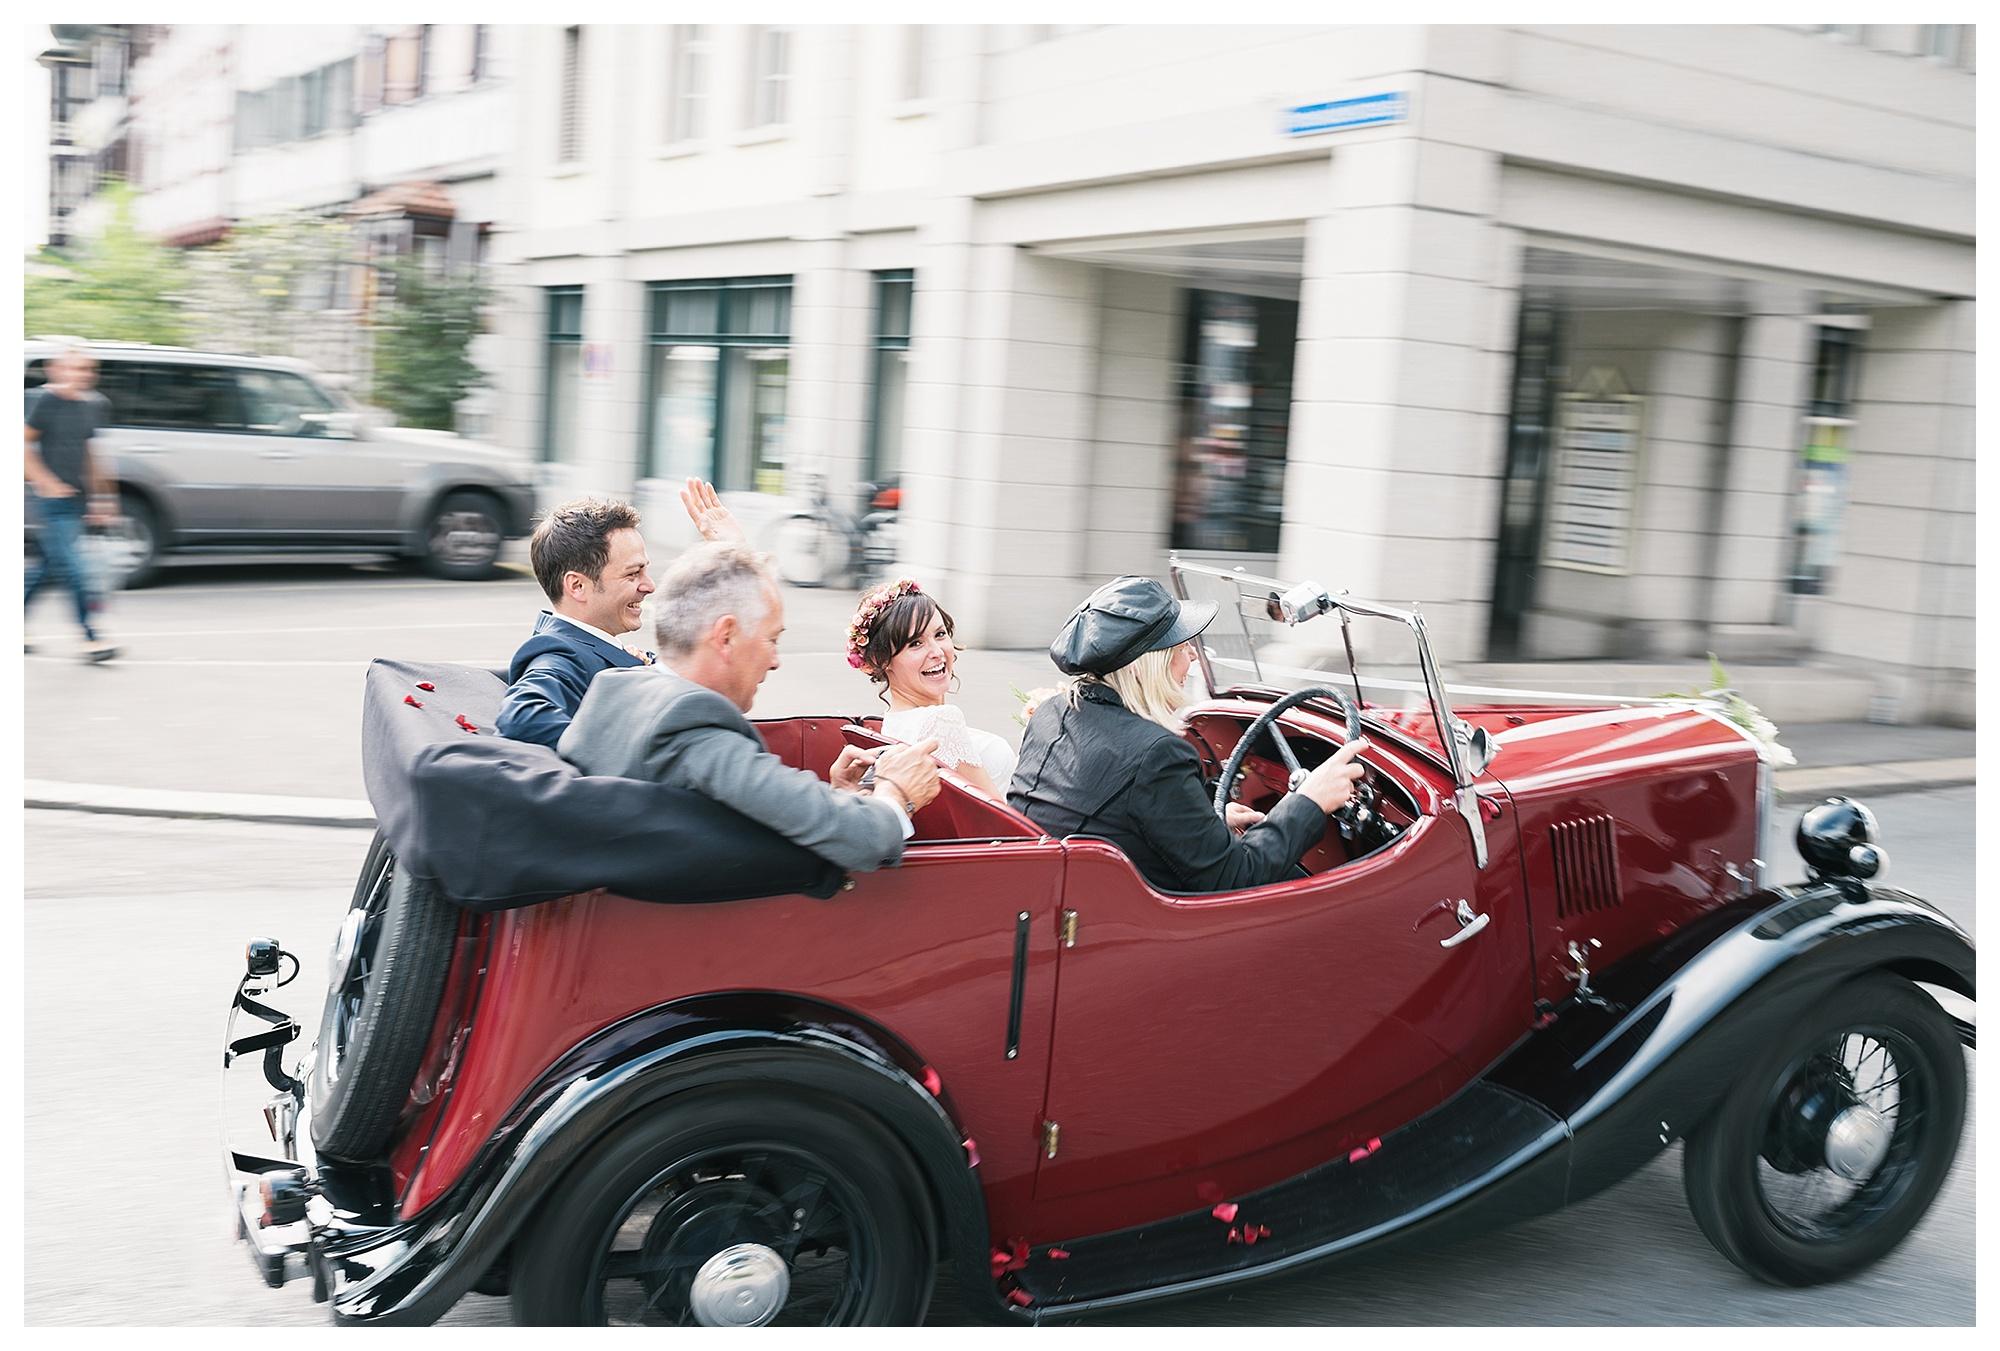 Fotograf Konstanz - Best of 2014 Elmar Feuerbacher Photography Hochzeit Portrait 046 - Rückblick auf 2014  - 116 -